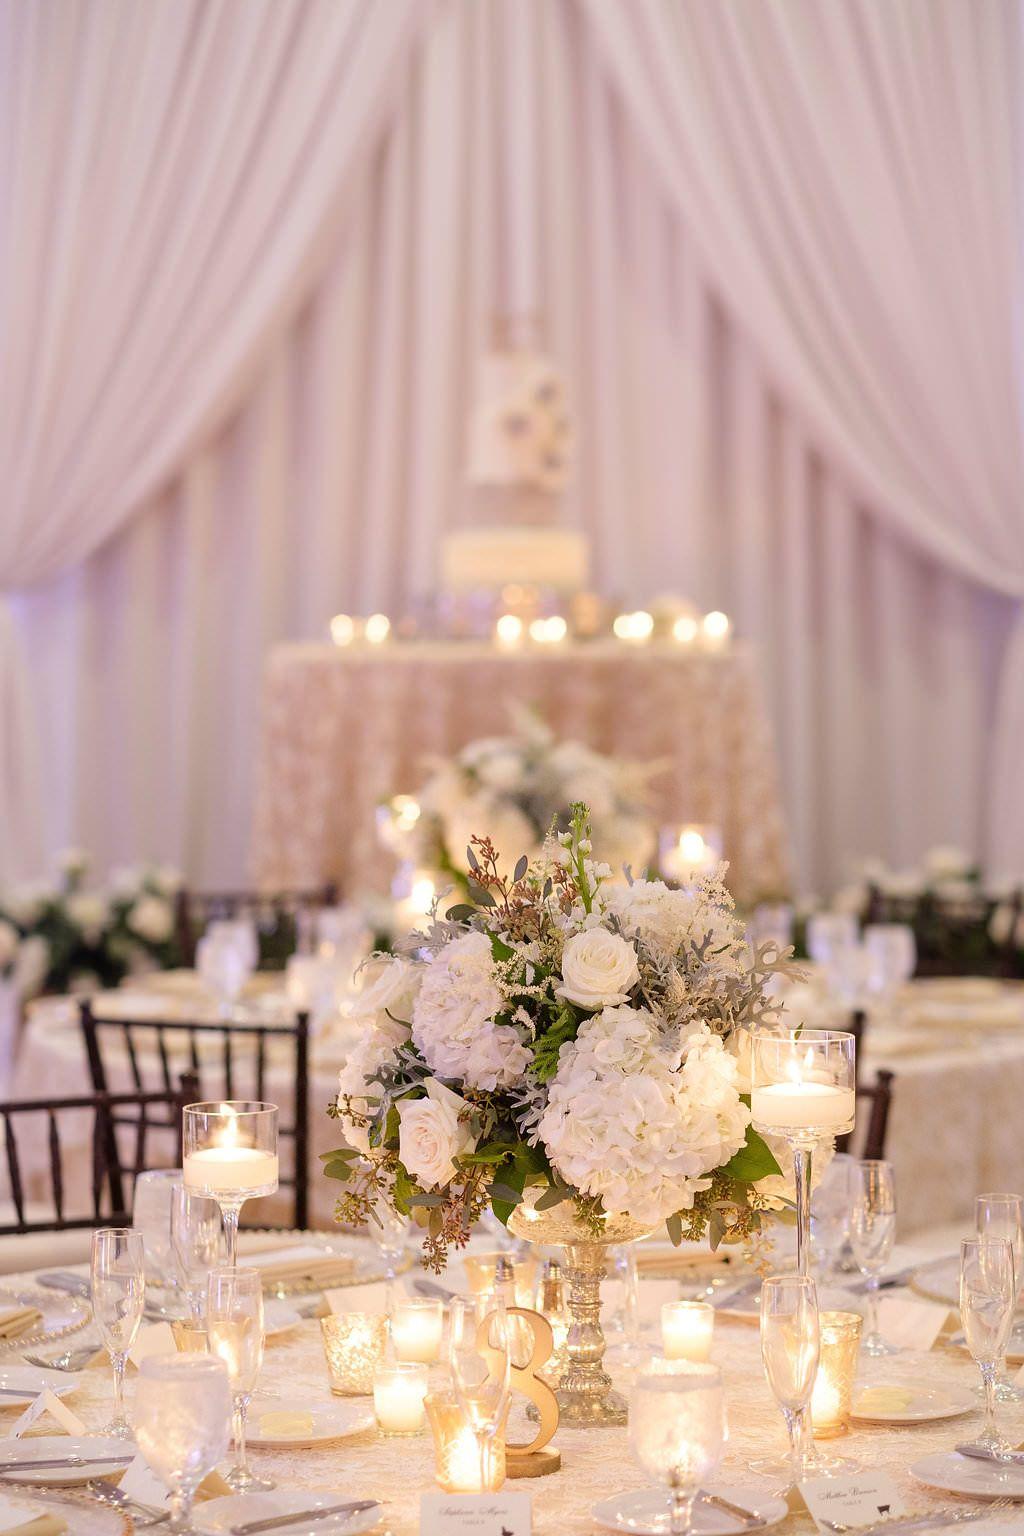 Wedding Themes | Wedding Theme Ideas | Wedding Theme Colors | Wedding Themes  Summer: May 2013